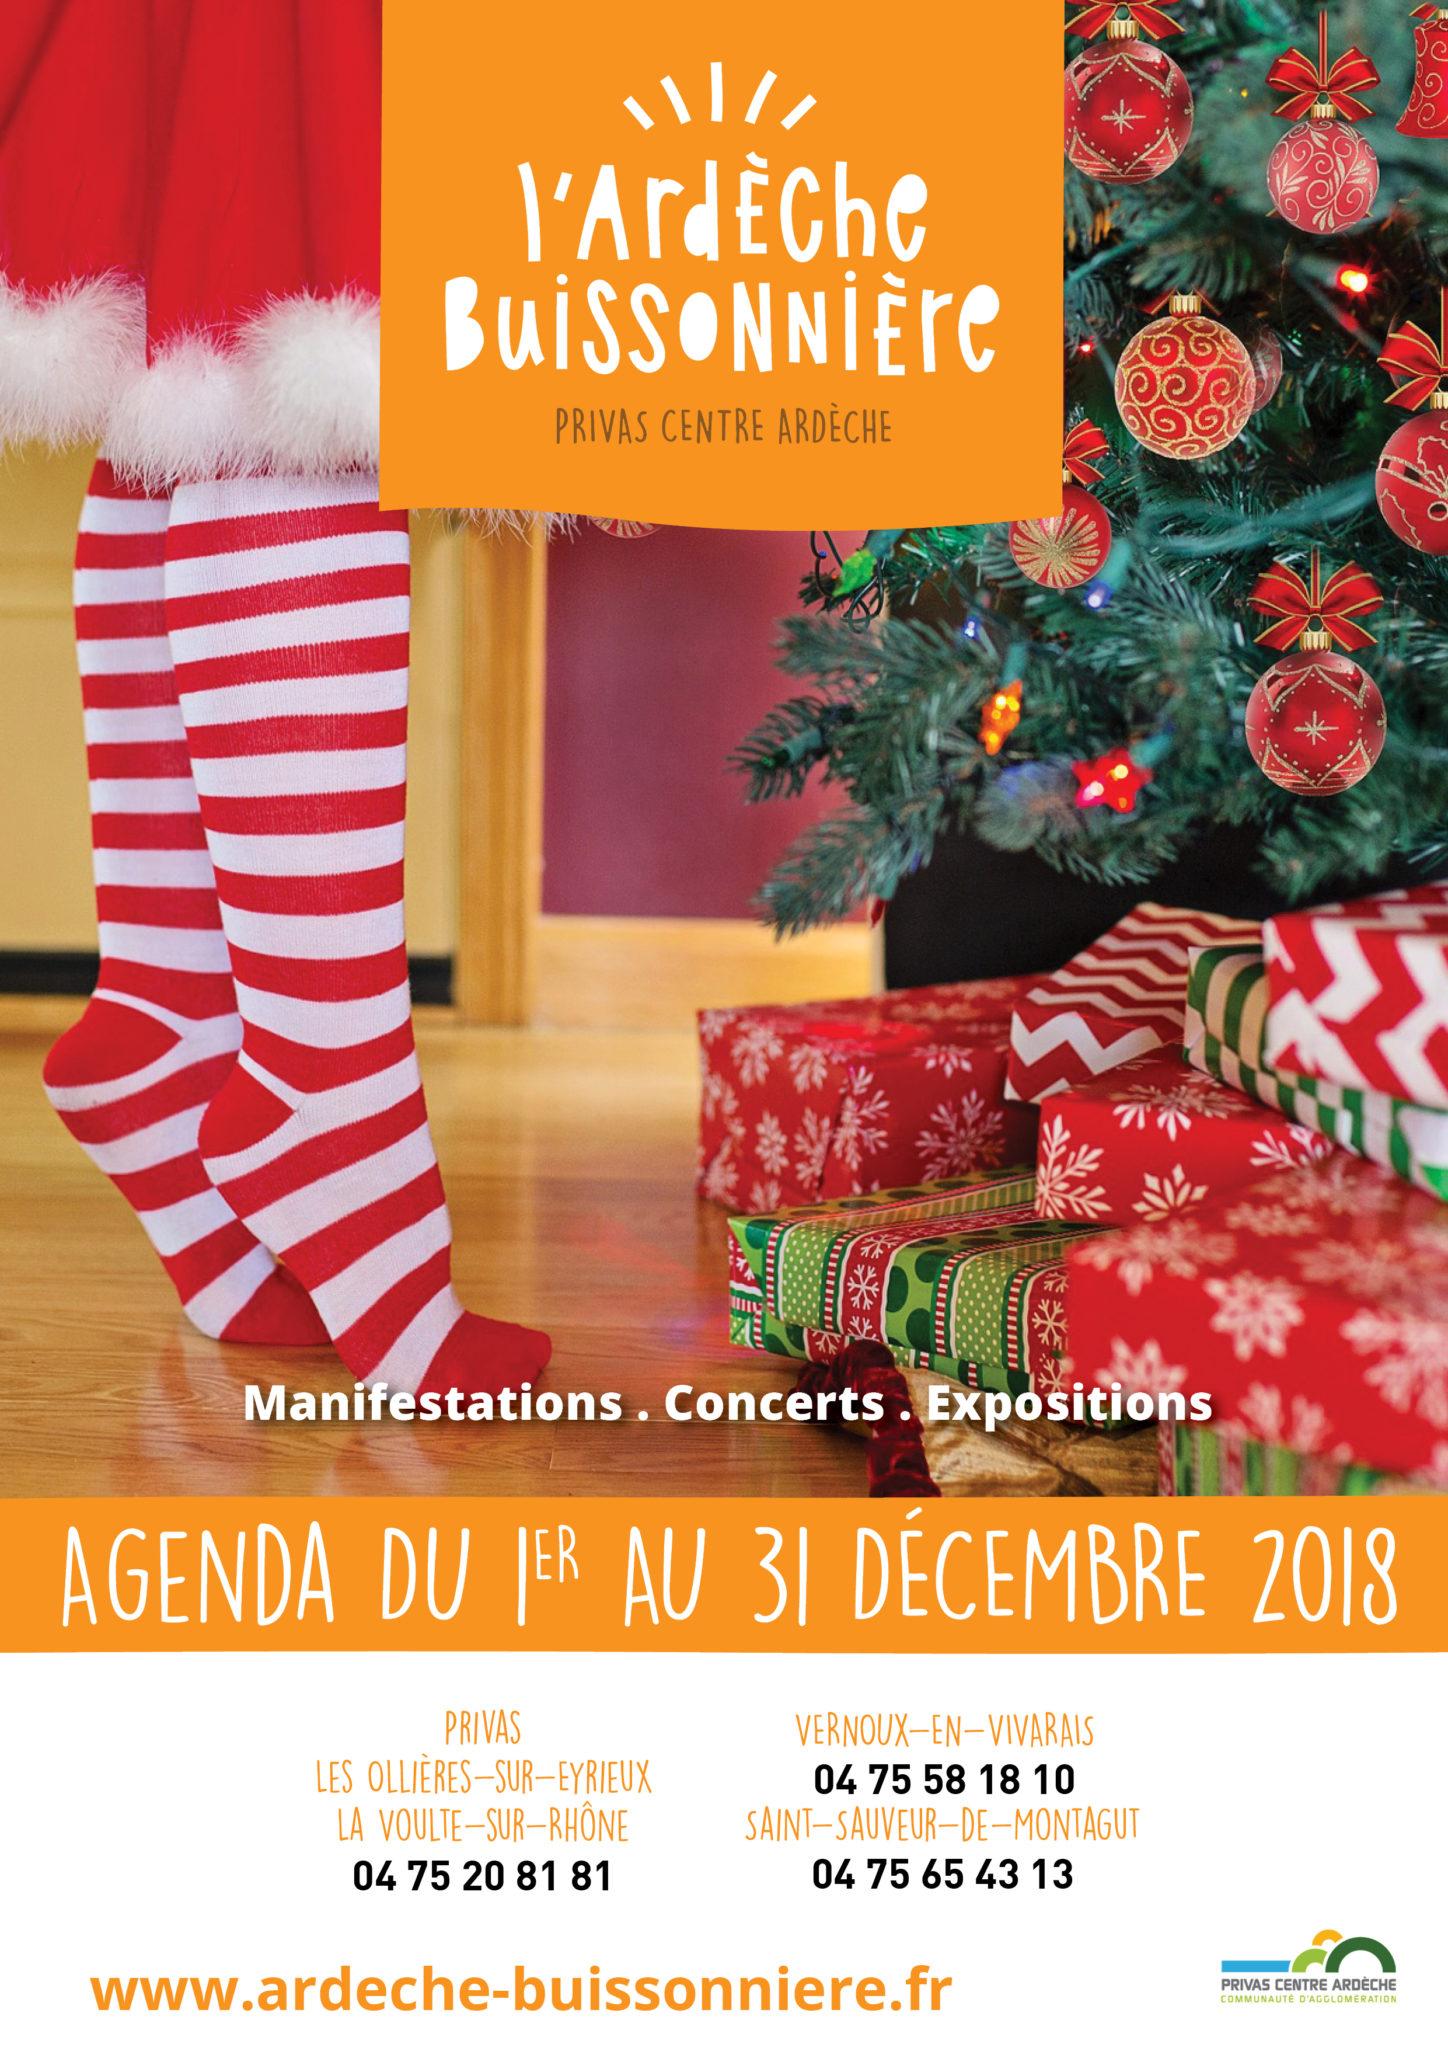 December 2018 events agenda - Ardèche Buissonnière